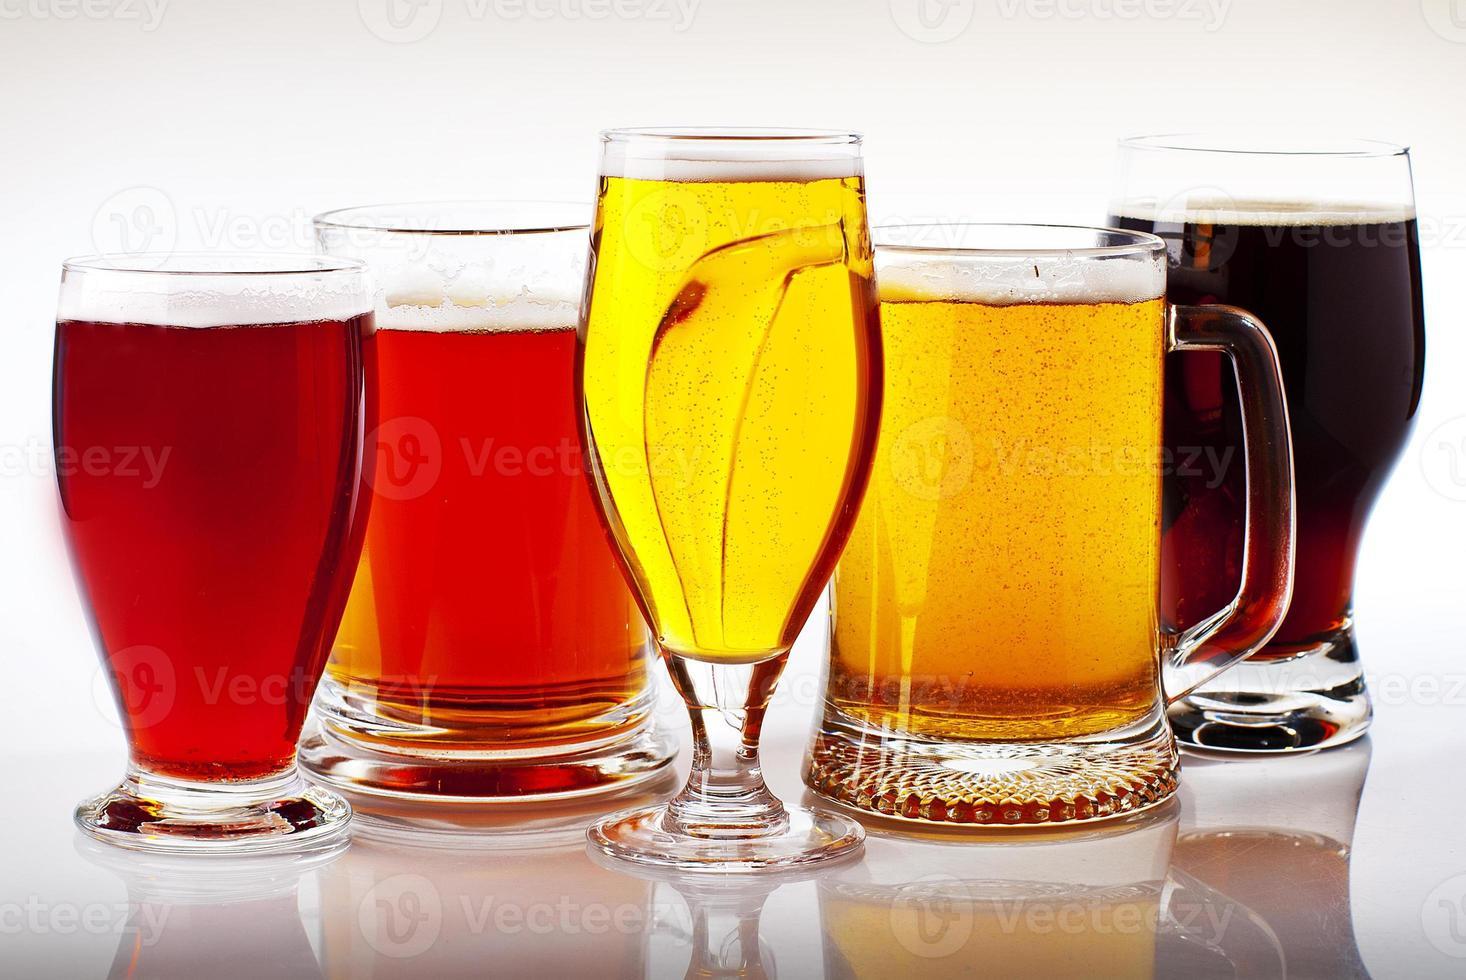 les cinq couleurs de la bière photo